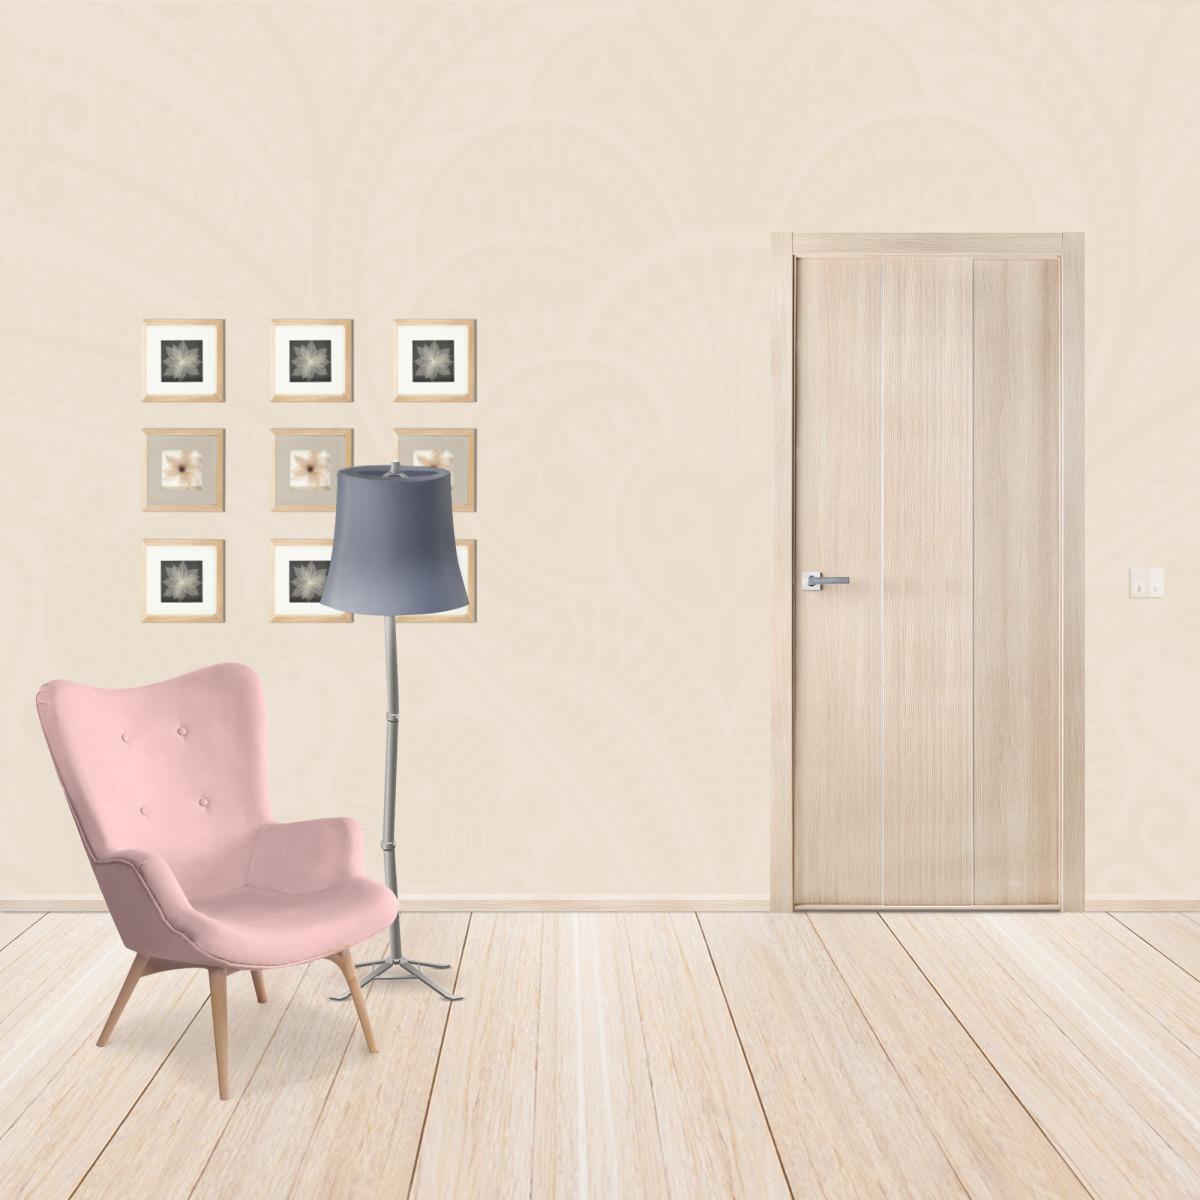 Дверь Межкомнатная Глухая Спэйс 60x200 Ламинация Цвет Шамбор С Фурнитурой